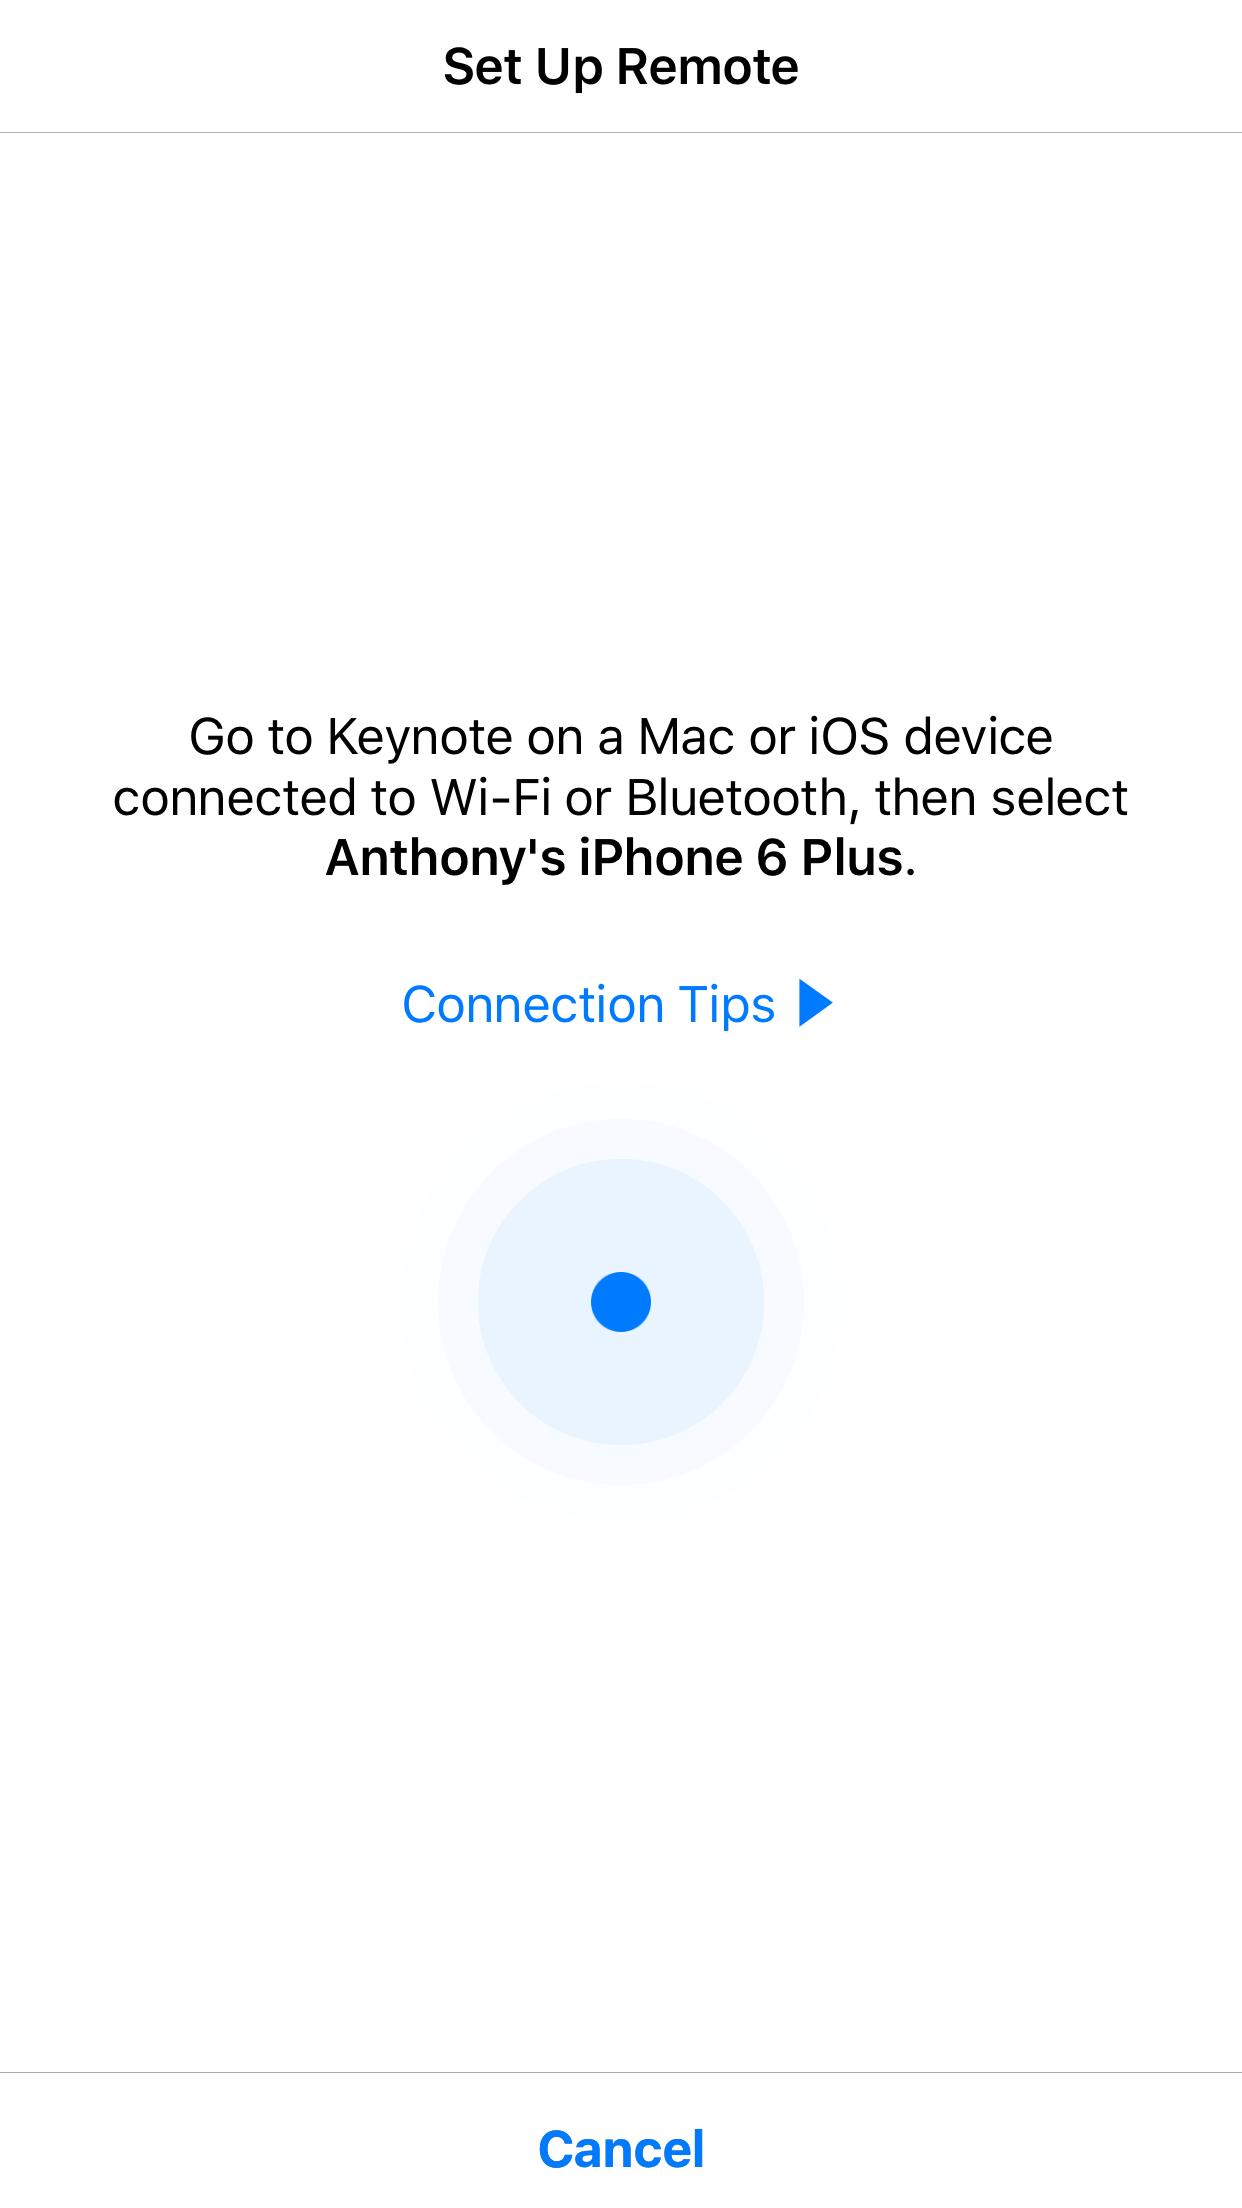 Par de aplicaciones iOS Keynote como control remoto